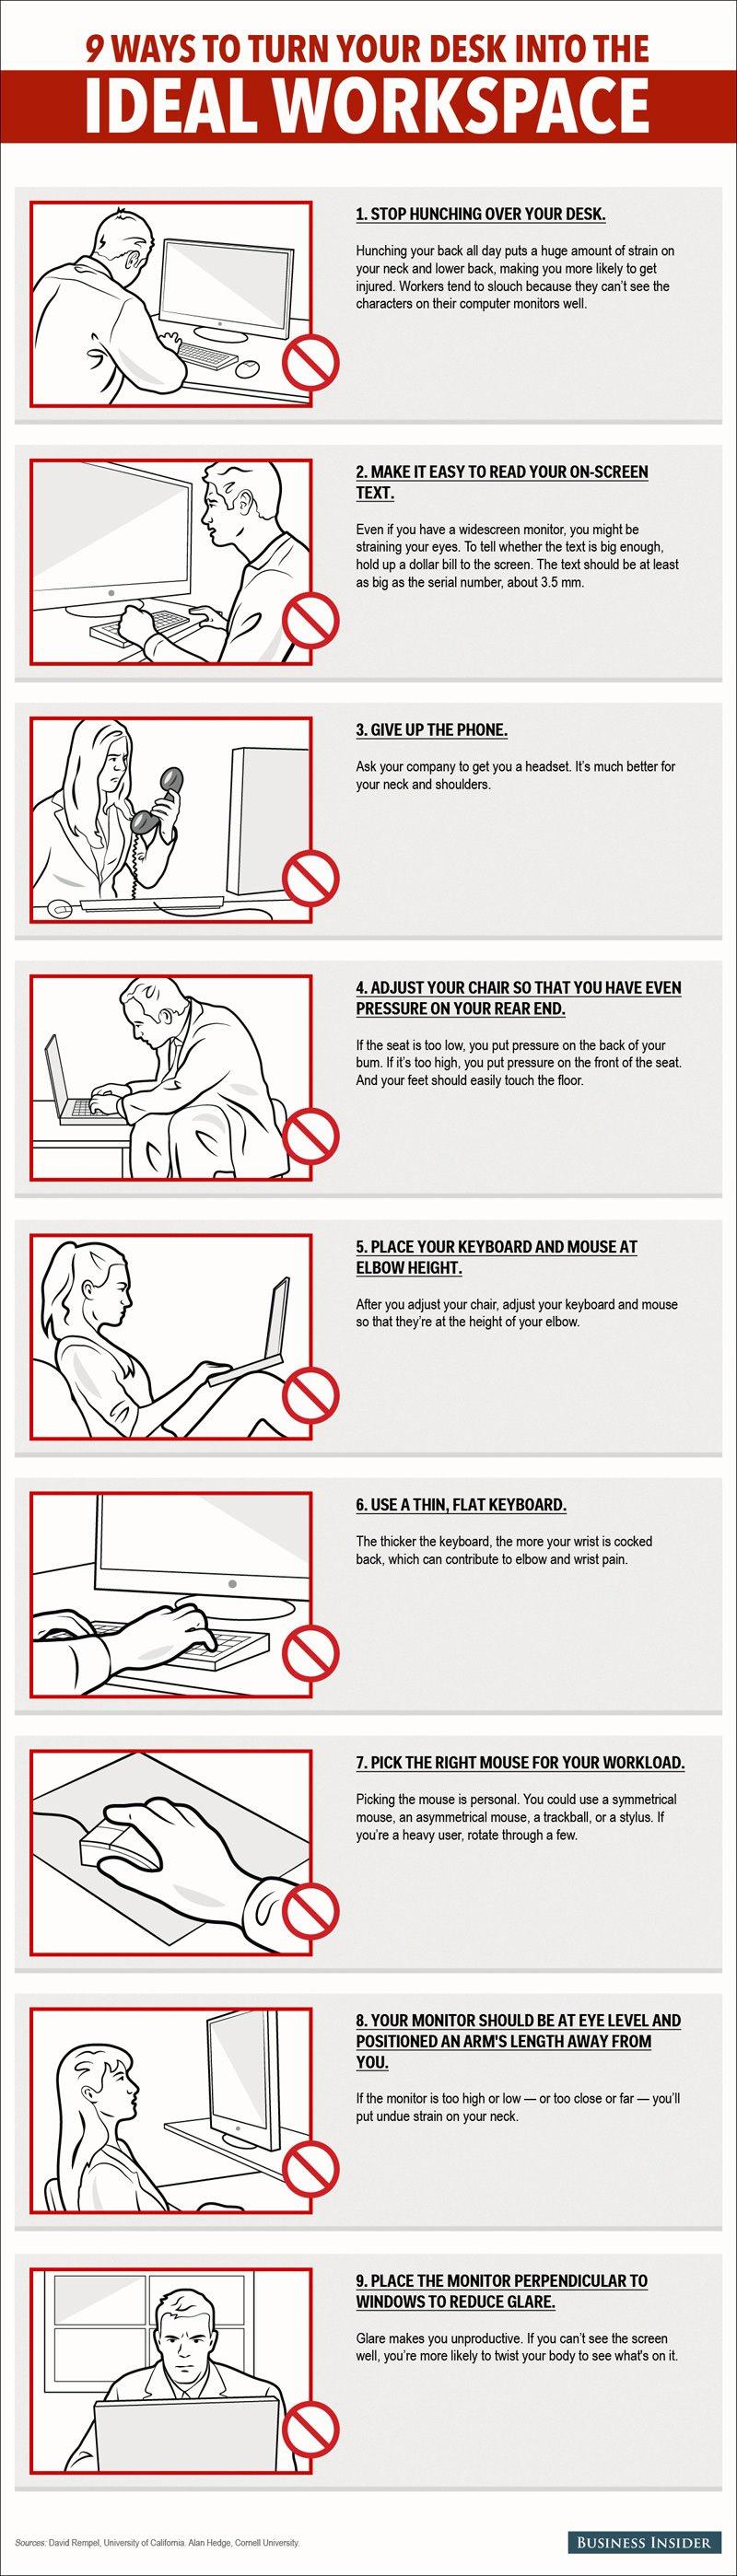 1397589579_9_ways_turn_desk_ideal_workspace_infographic.jpg